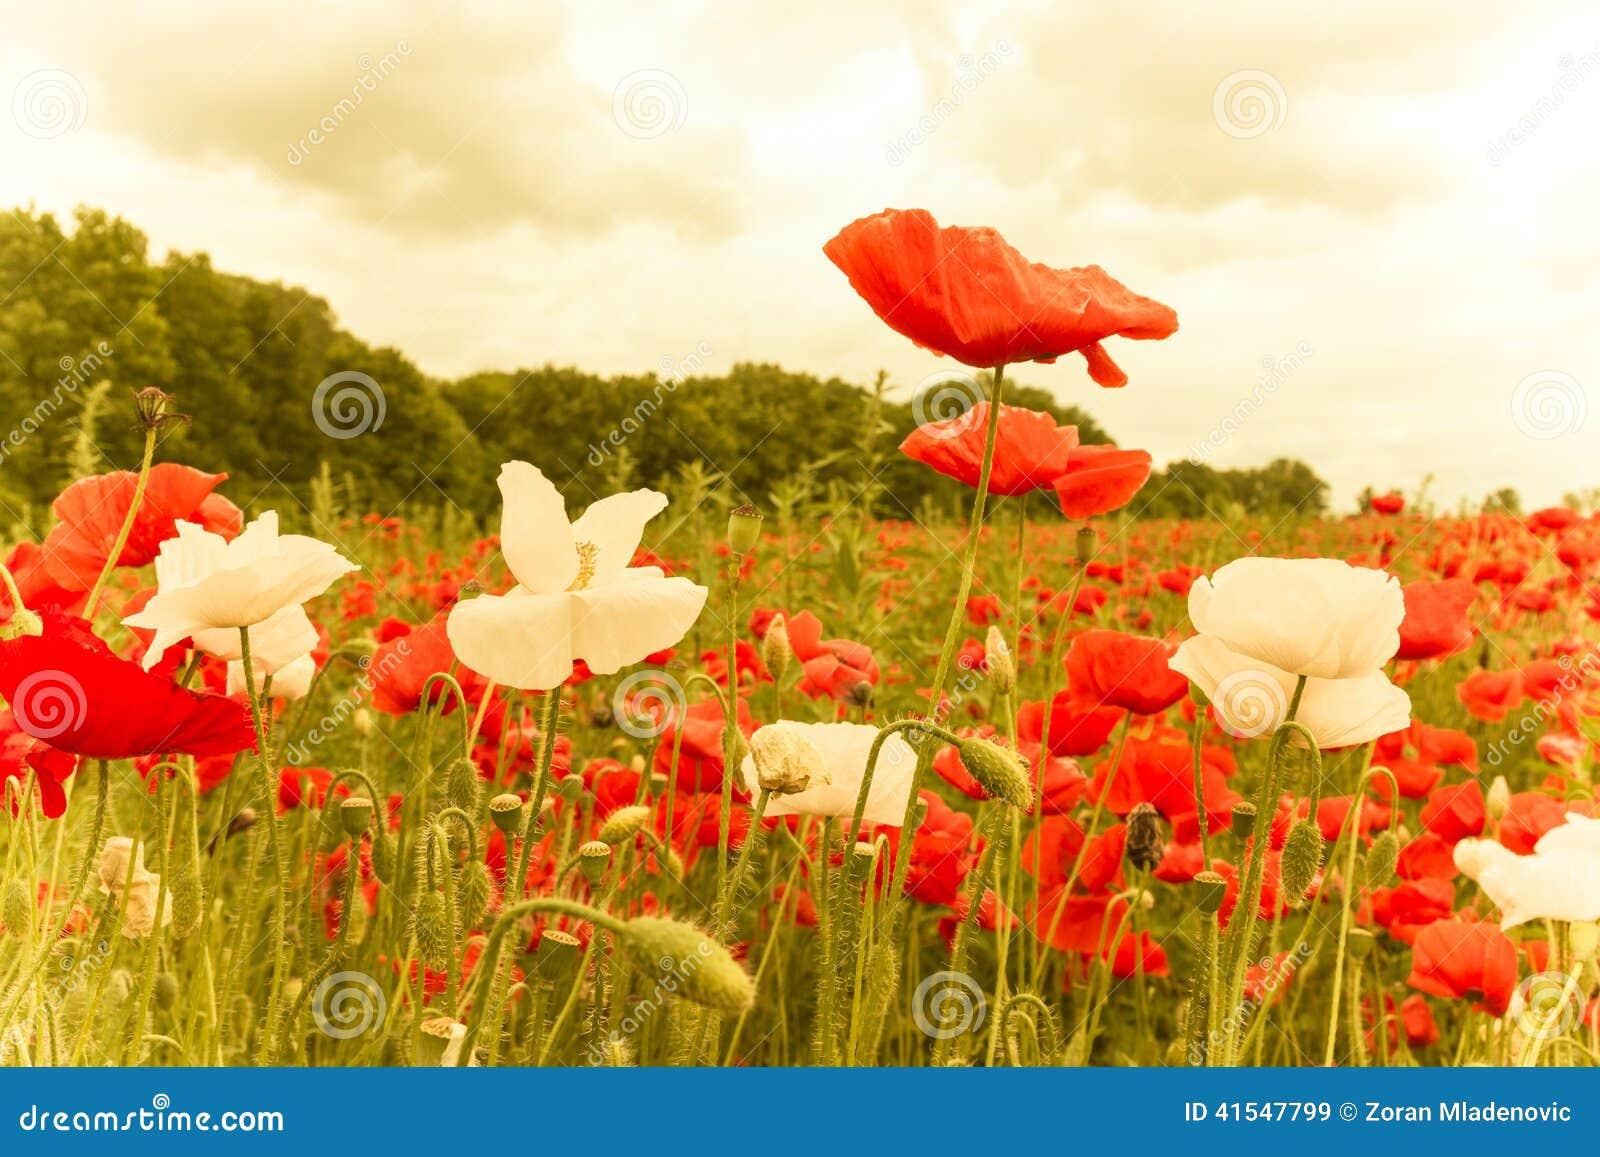 https://thumbs.dreamstime.com/z/aanplanting-van-rode-en-witte-verlichte-bloemen-41547799.jpg